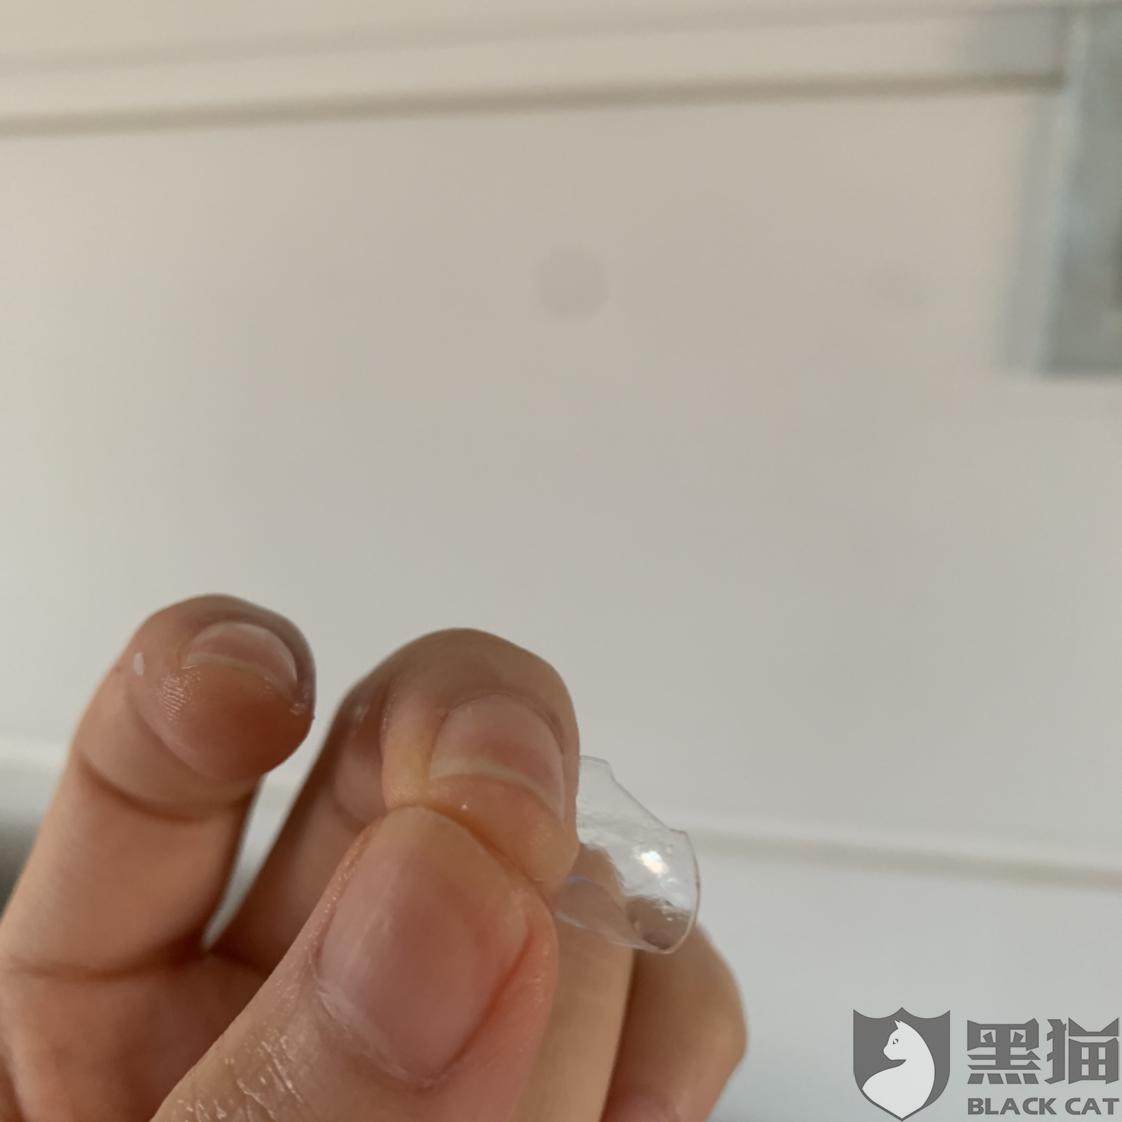 隐形眼镜破损还能戴吗?怎样防止过早破损?_手机搜狐网